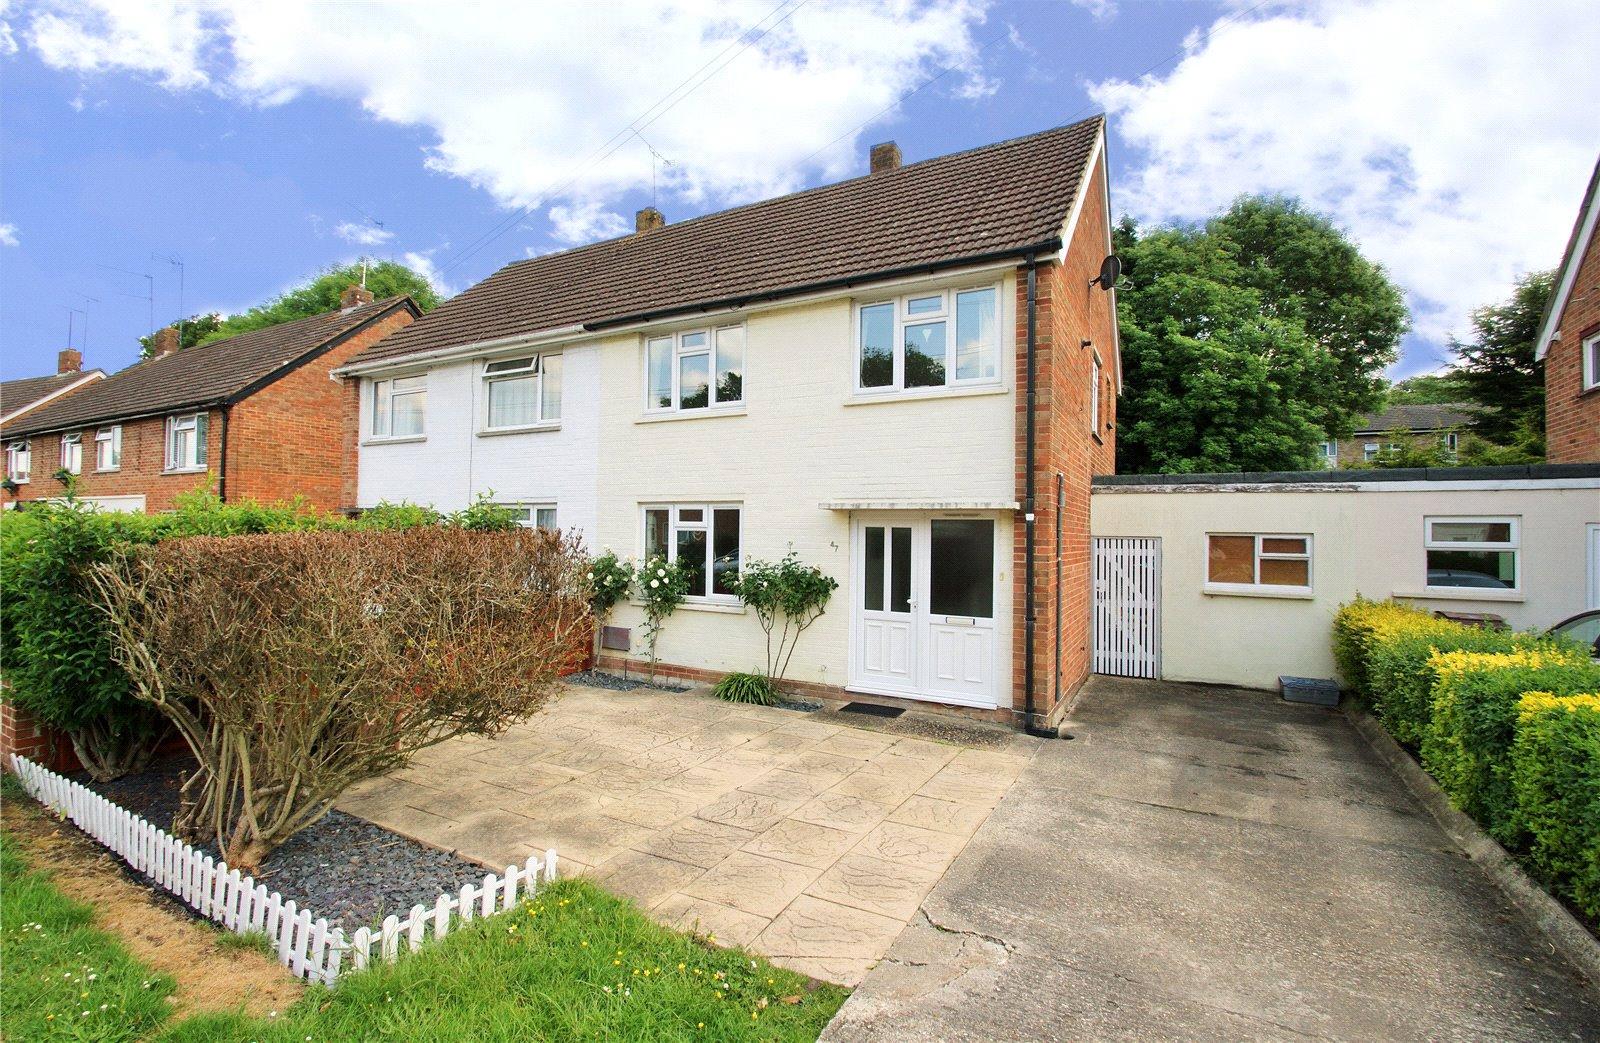 3 Bedrooms Semi Detached House for sale in Longs Way, Wokingham, Berkshire, RG40